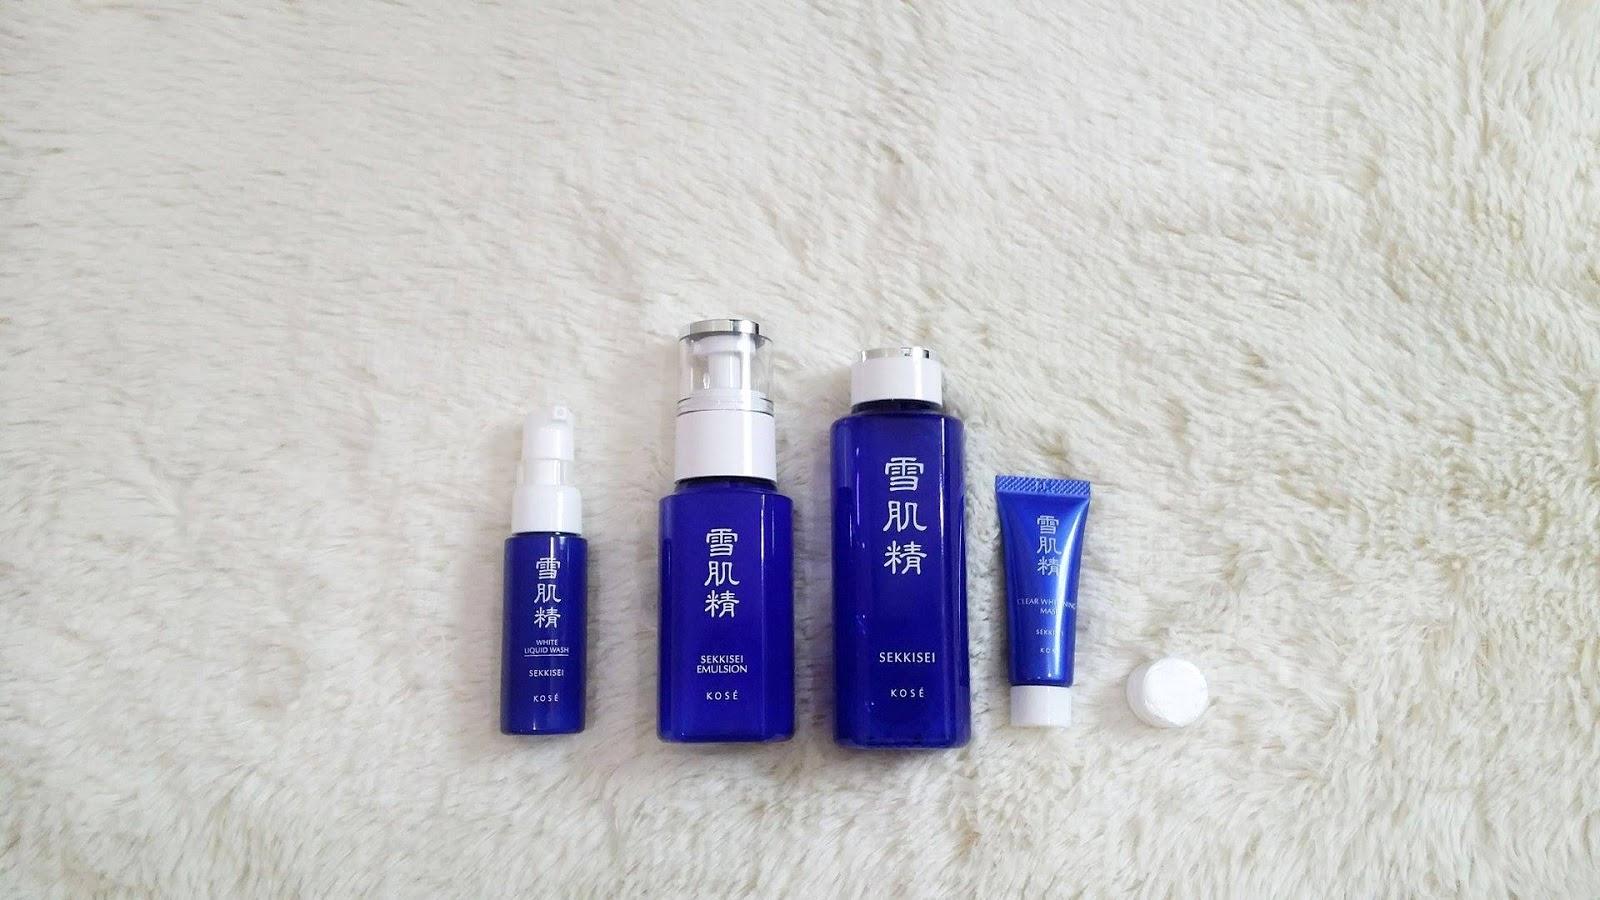 how to use kose sekkisei emulsion